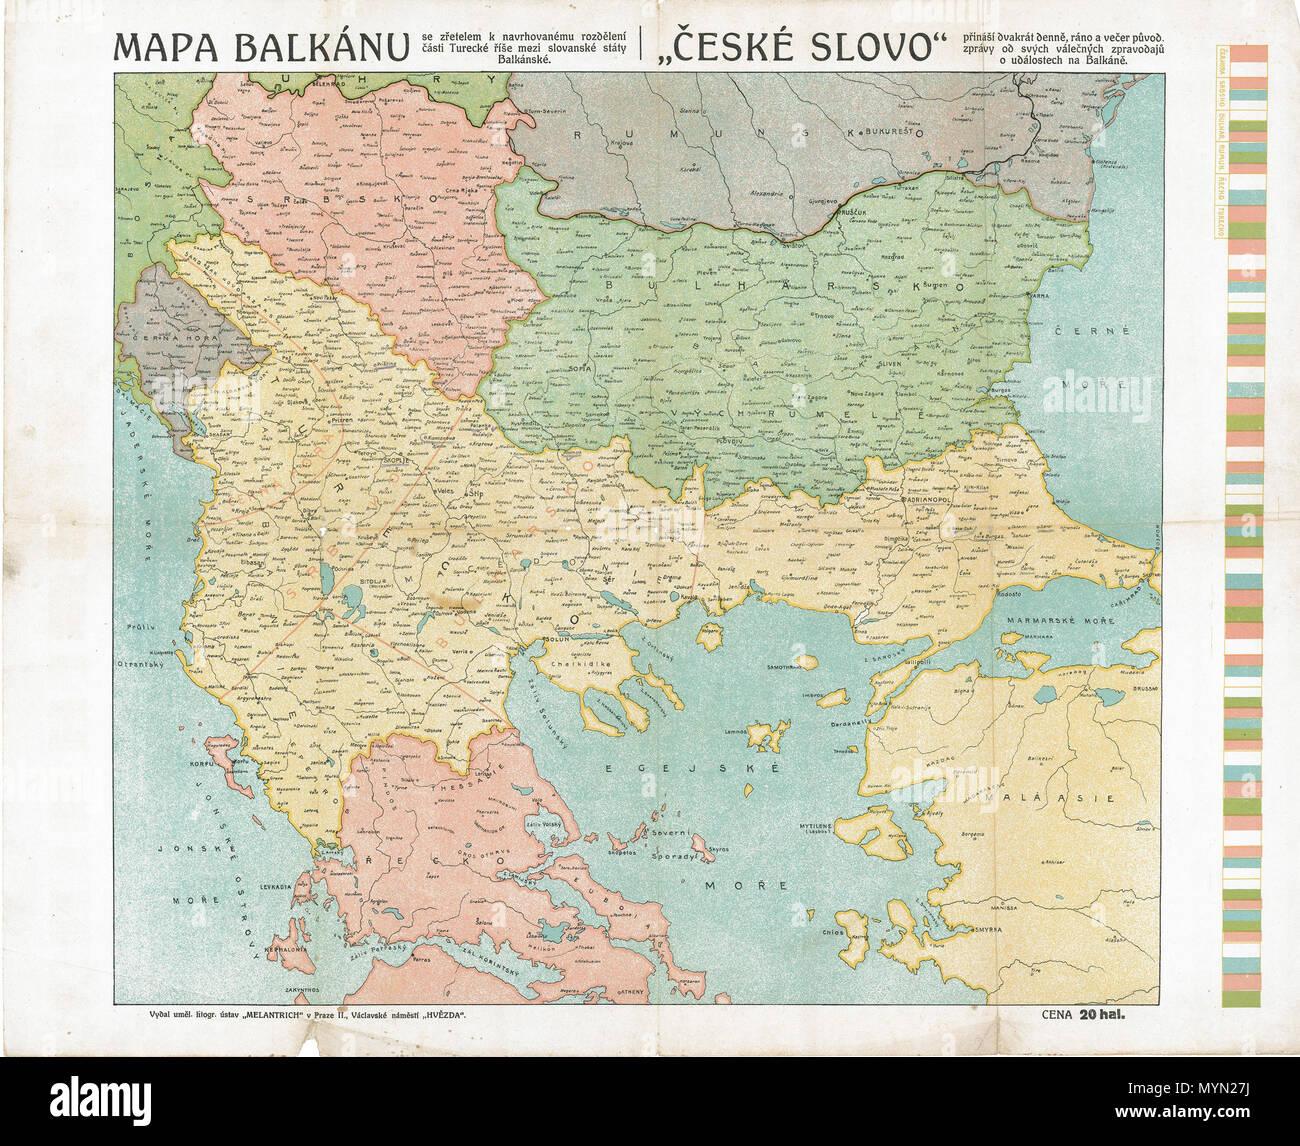 . Ελληνικά: Χάρτης των βαλκανικών επιχειρήσεων κατά την διάρκεια του Α' Βαλκανικού Πολέμου. Ο χάρτης δείχνει τα χαμένα εδάφη της Οθωμανικής Αυτοκρατορίας που προσαρτήθηκαν στο Μαυροβούνιο, την Σερβία και την Βουλγαρία. Οι περιγραφές είναι γραμμένες στην τσεχική γλώσσα. 1912/1913. Εφημερίδα České slovo 61 Balkans War Theatre - Stock Image